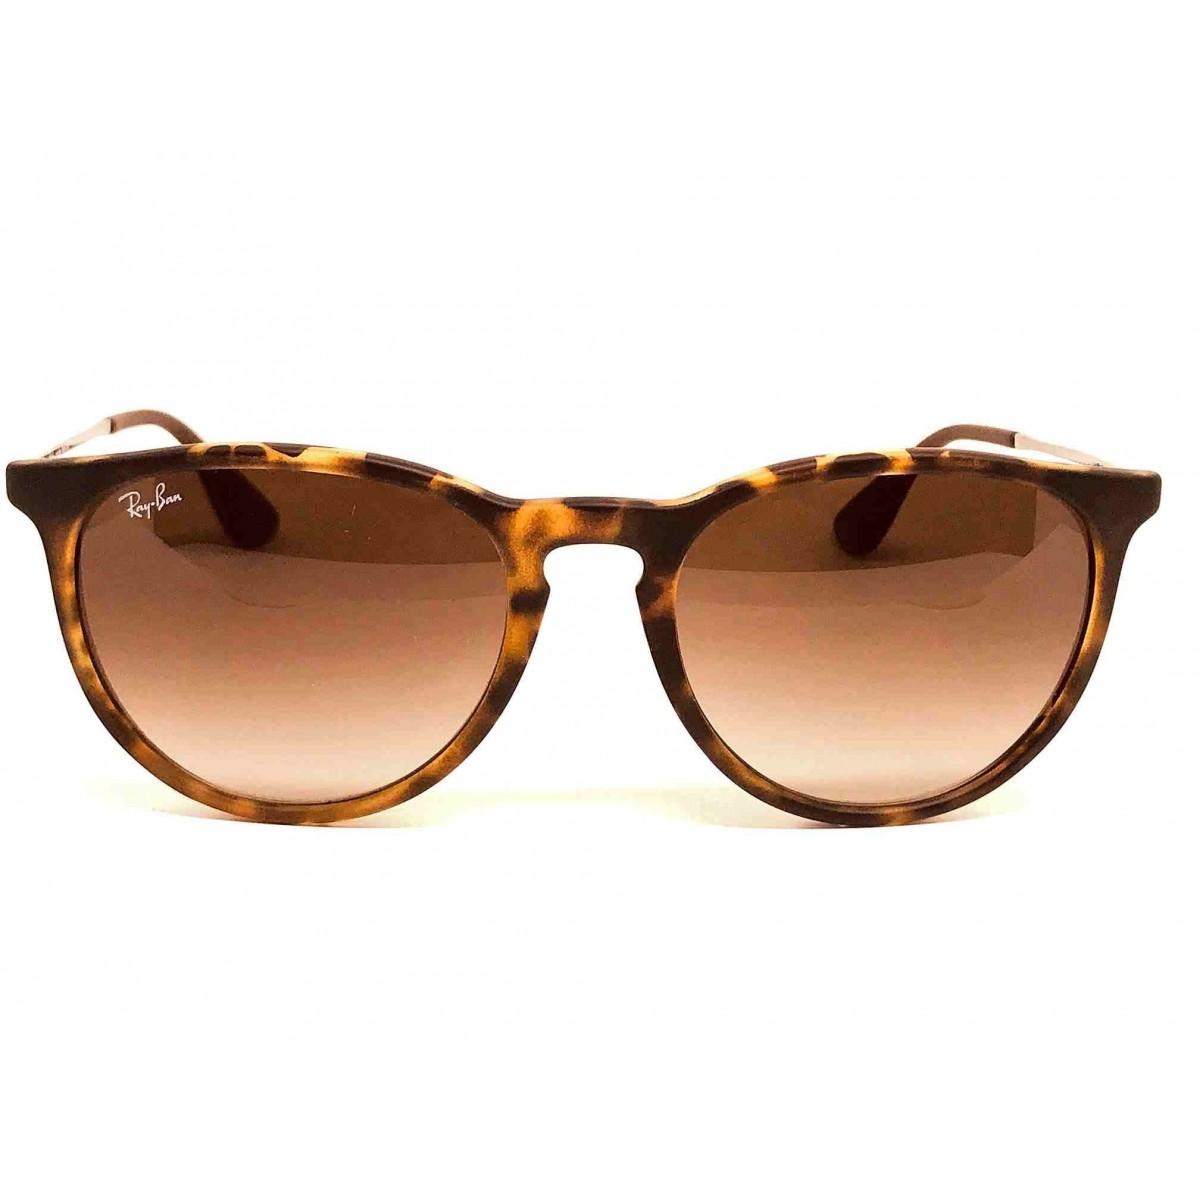 4c86bd1db79ac Óculos de Sol Ray Ban RB 4171L 865 13 54 Erika